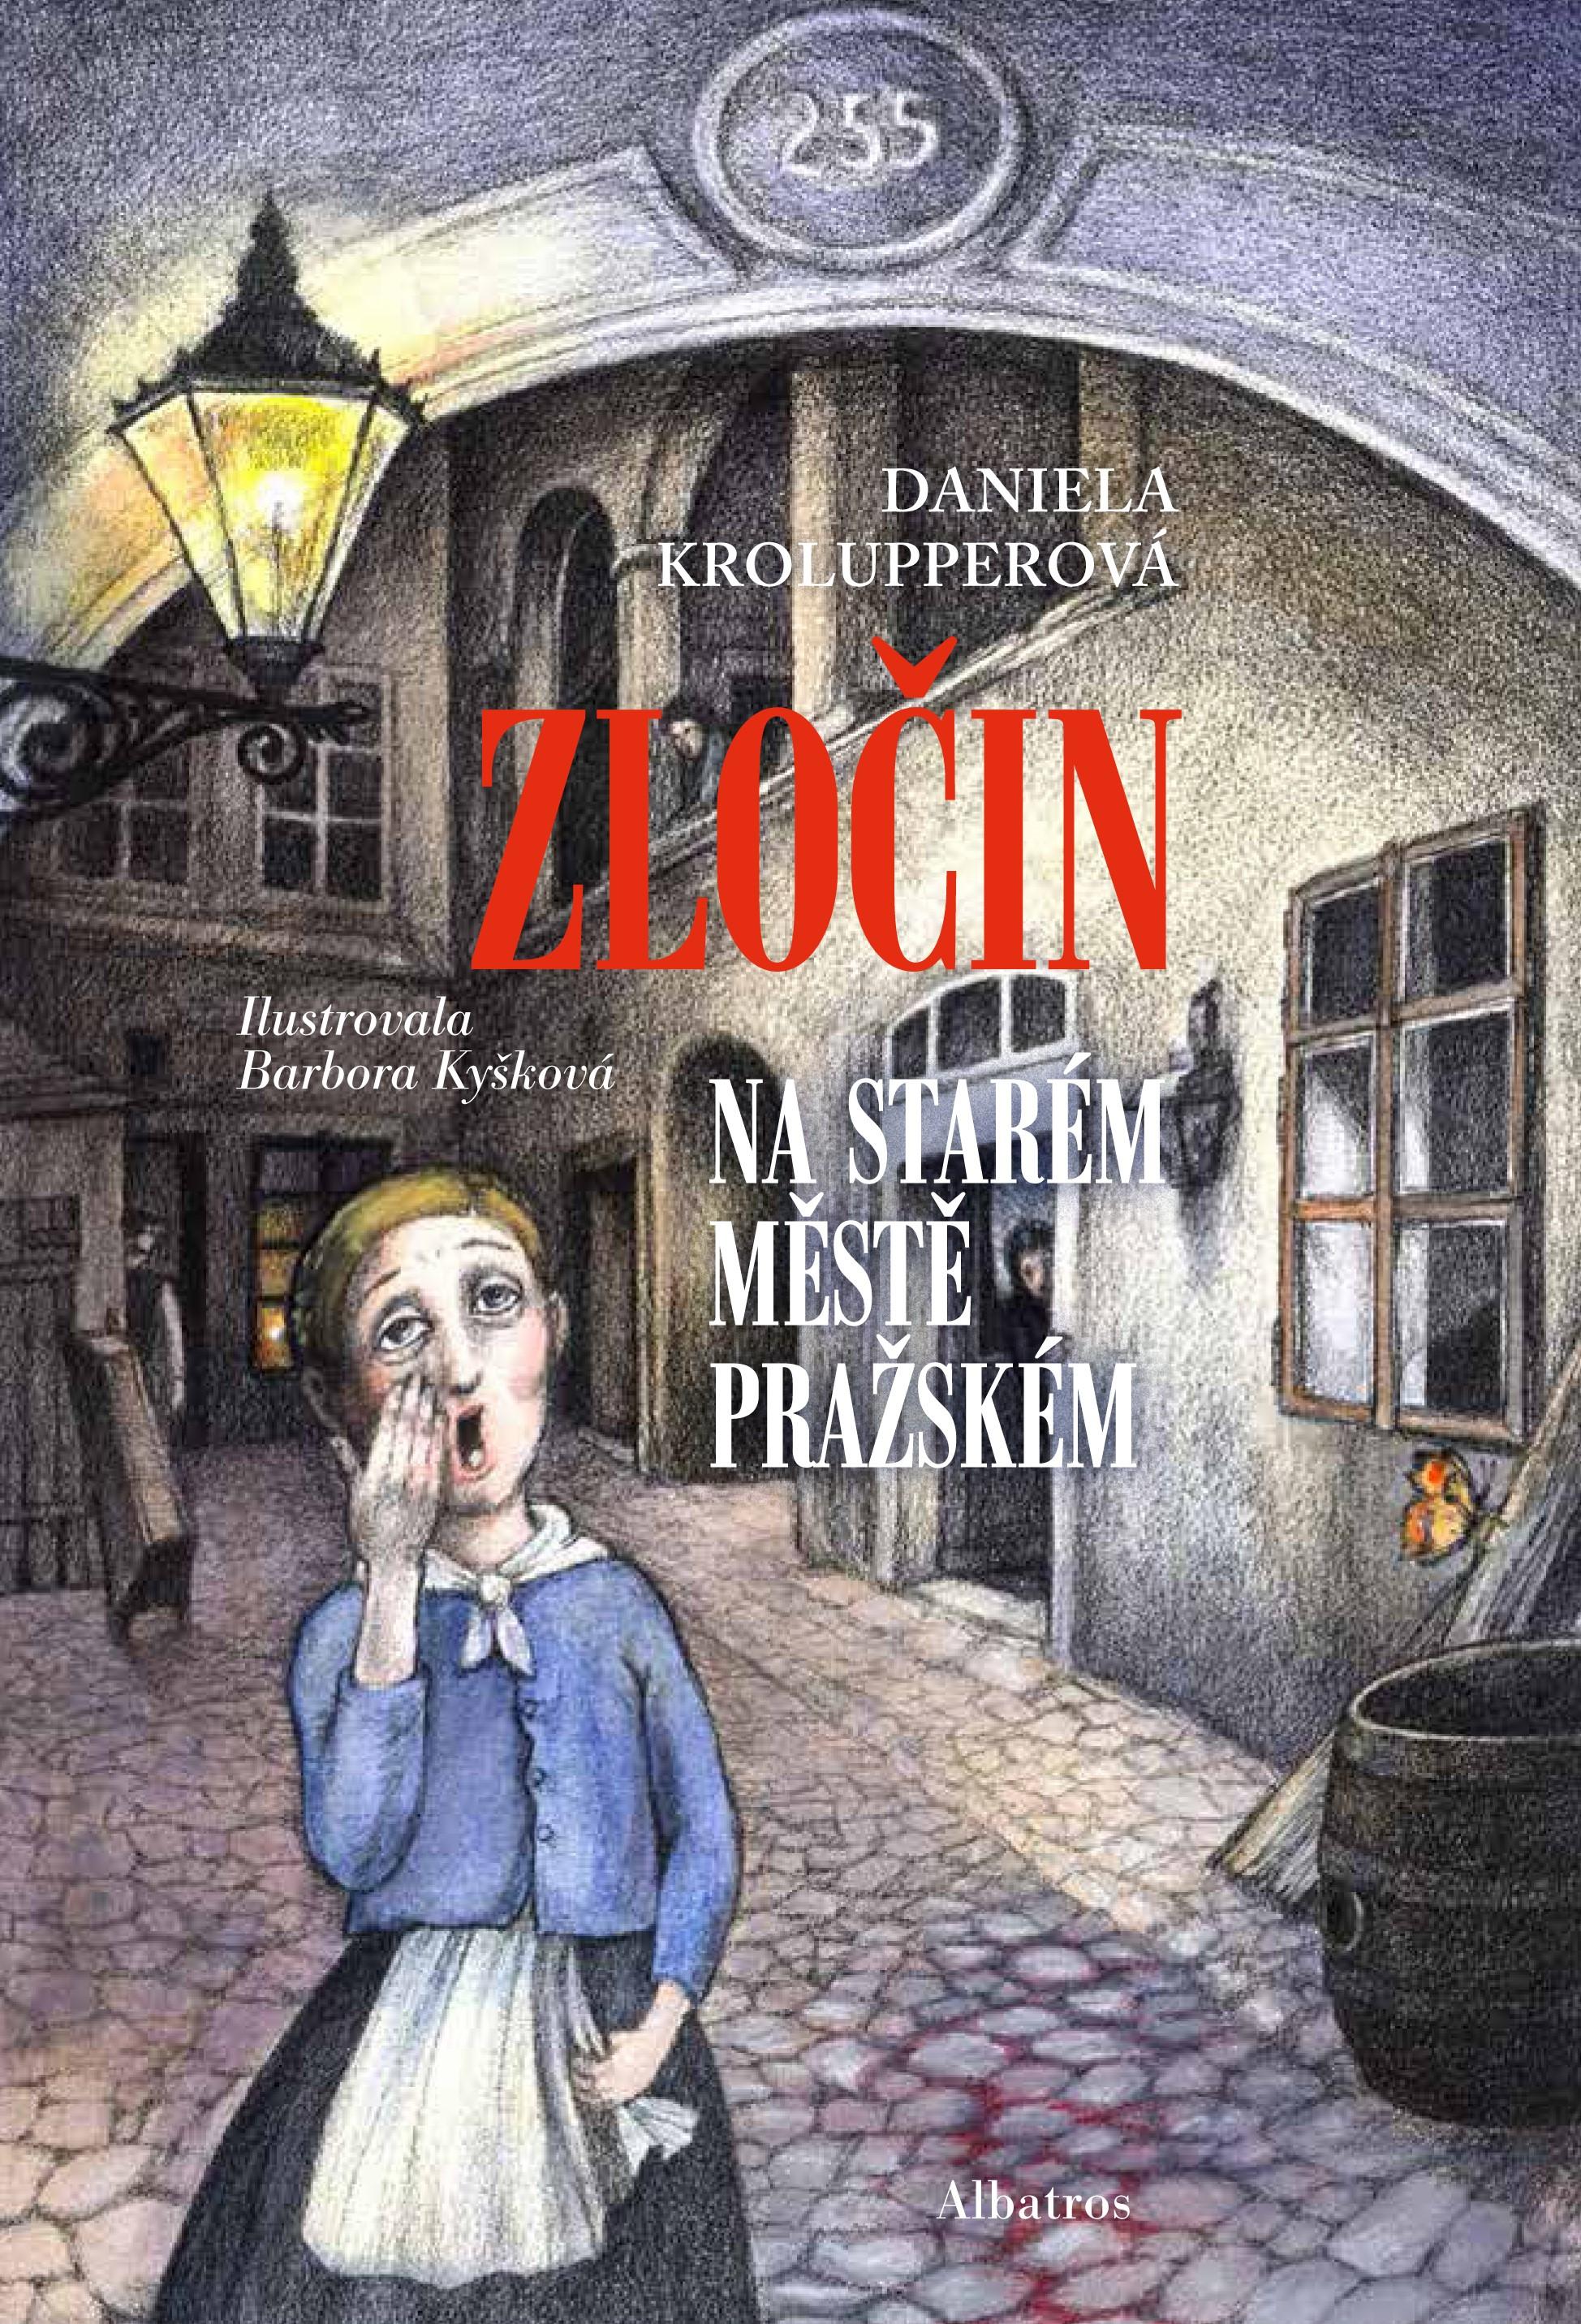 Zločin na Starém Městě pražském | Barbora Kyšková, Daniela Krolupperová